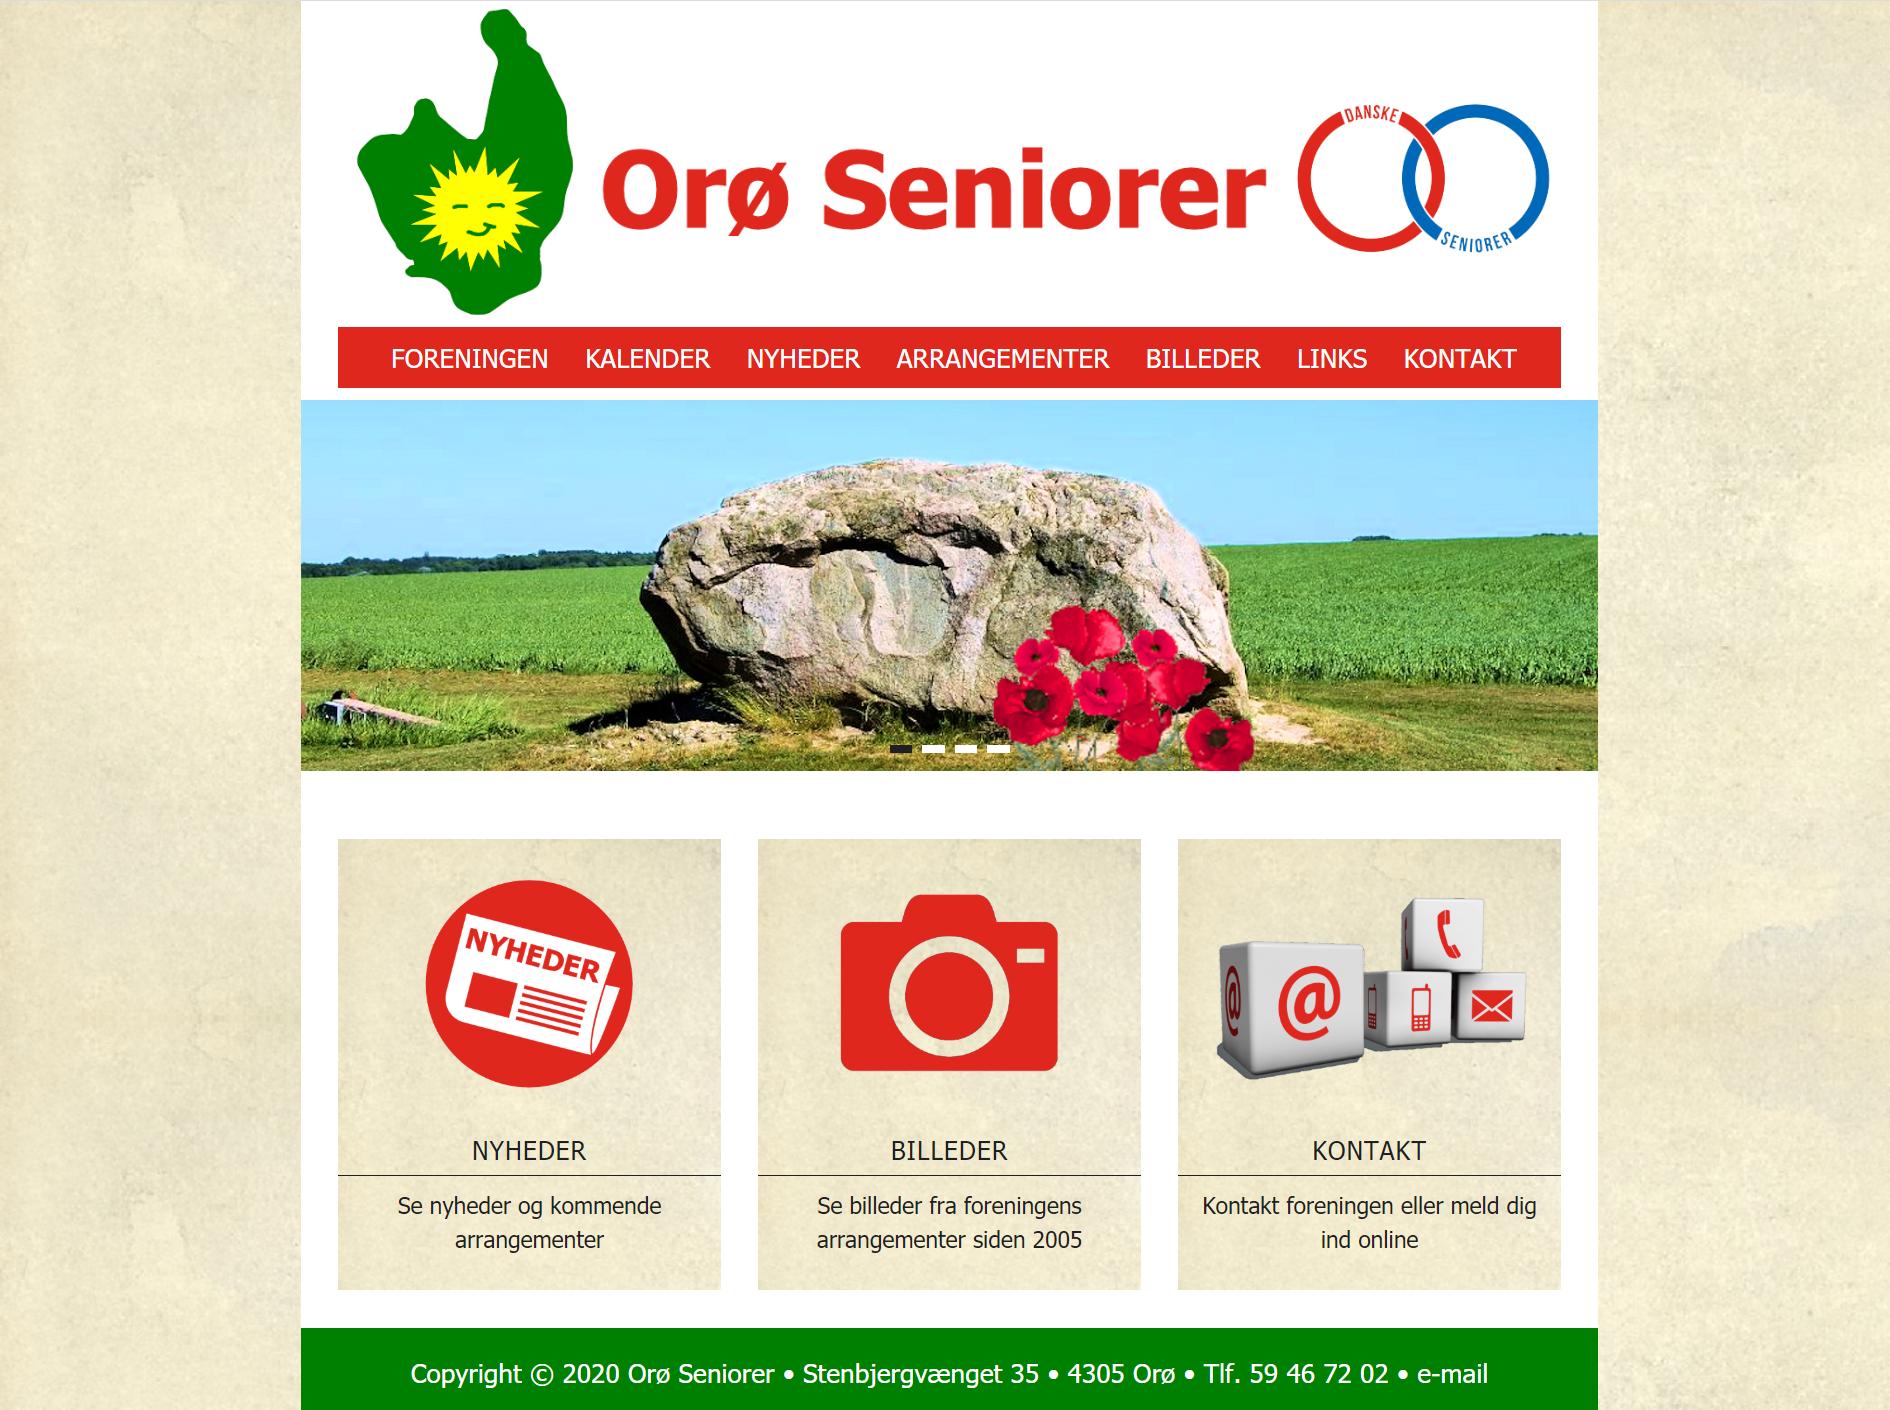 orø-seniorer.dk